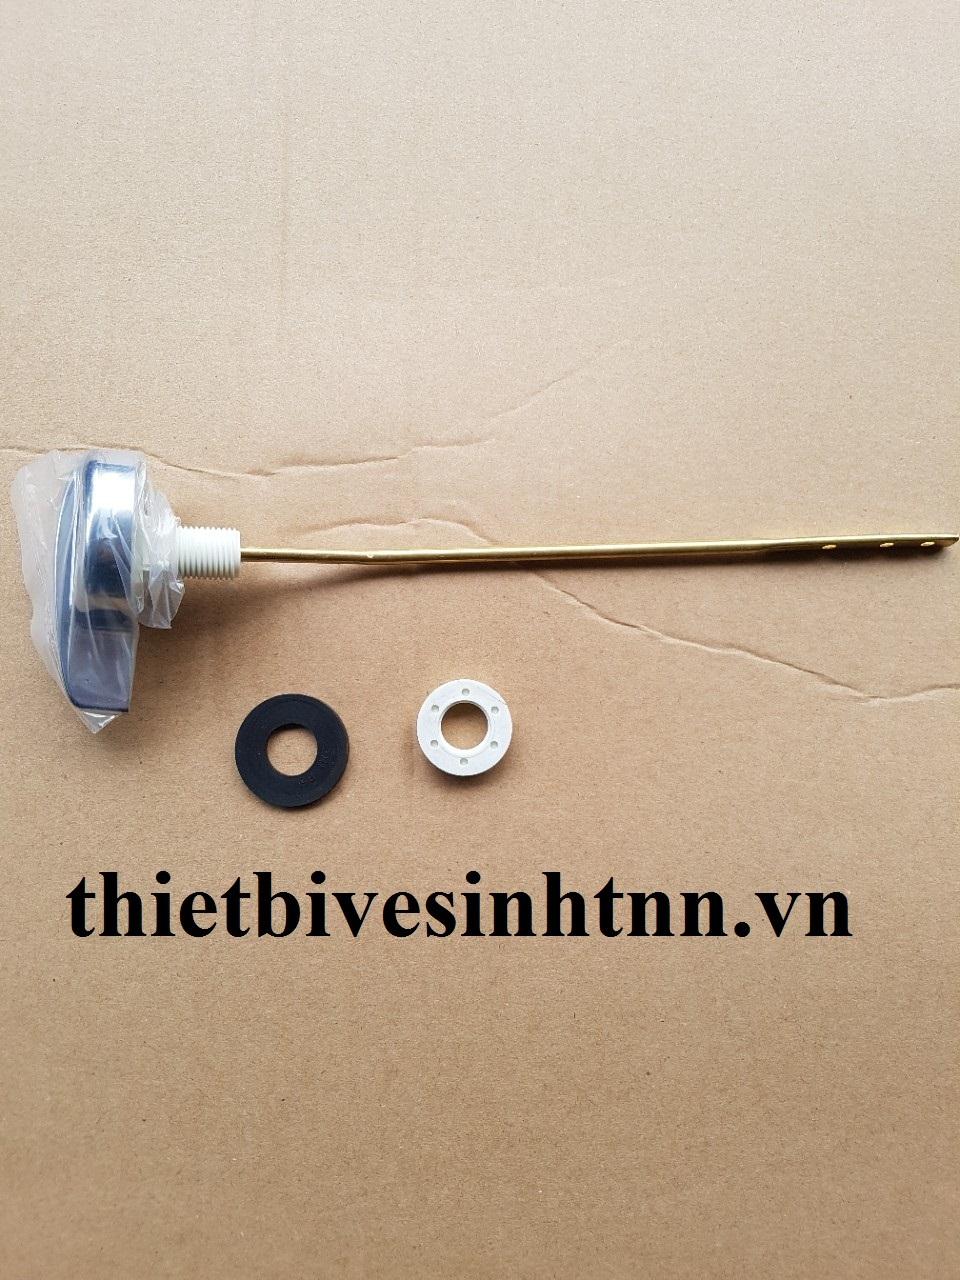 tay-gat-toto-hb5071-864